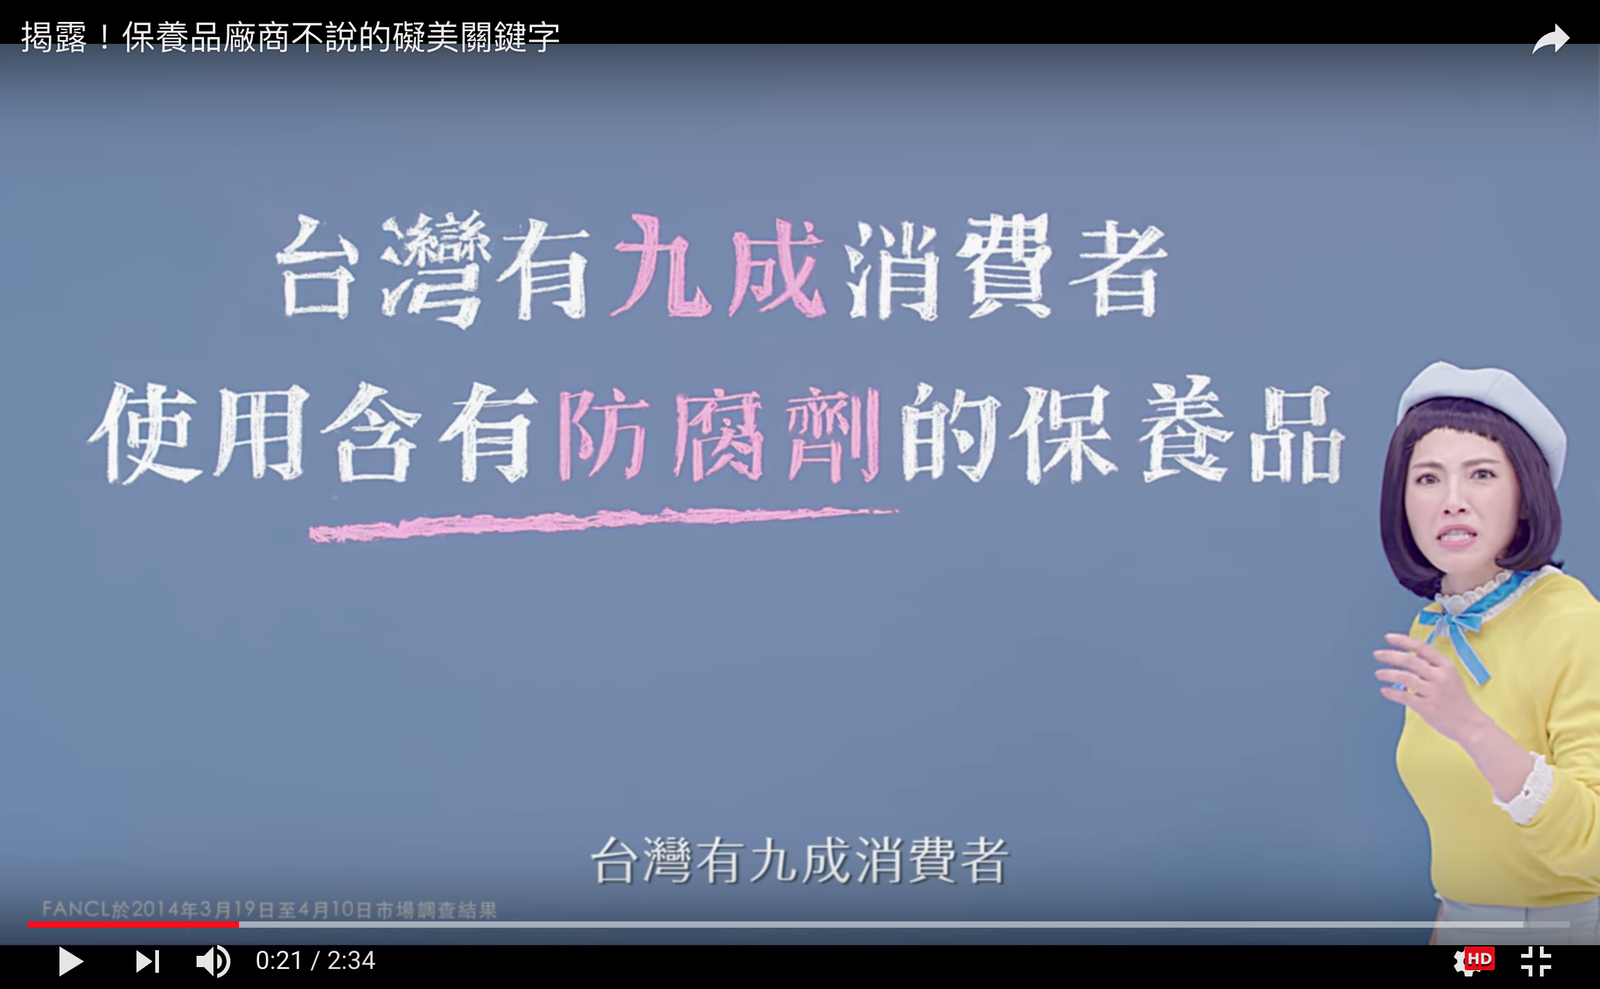 FANCL抹黑防腐劑影片截圖